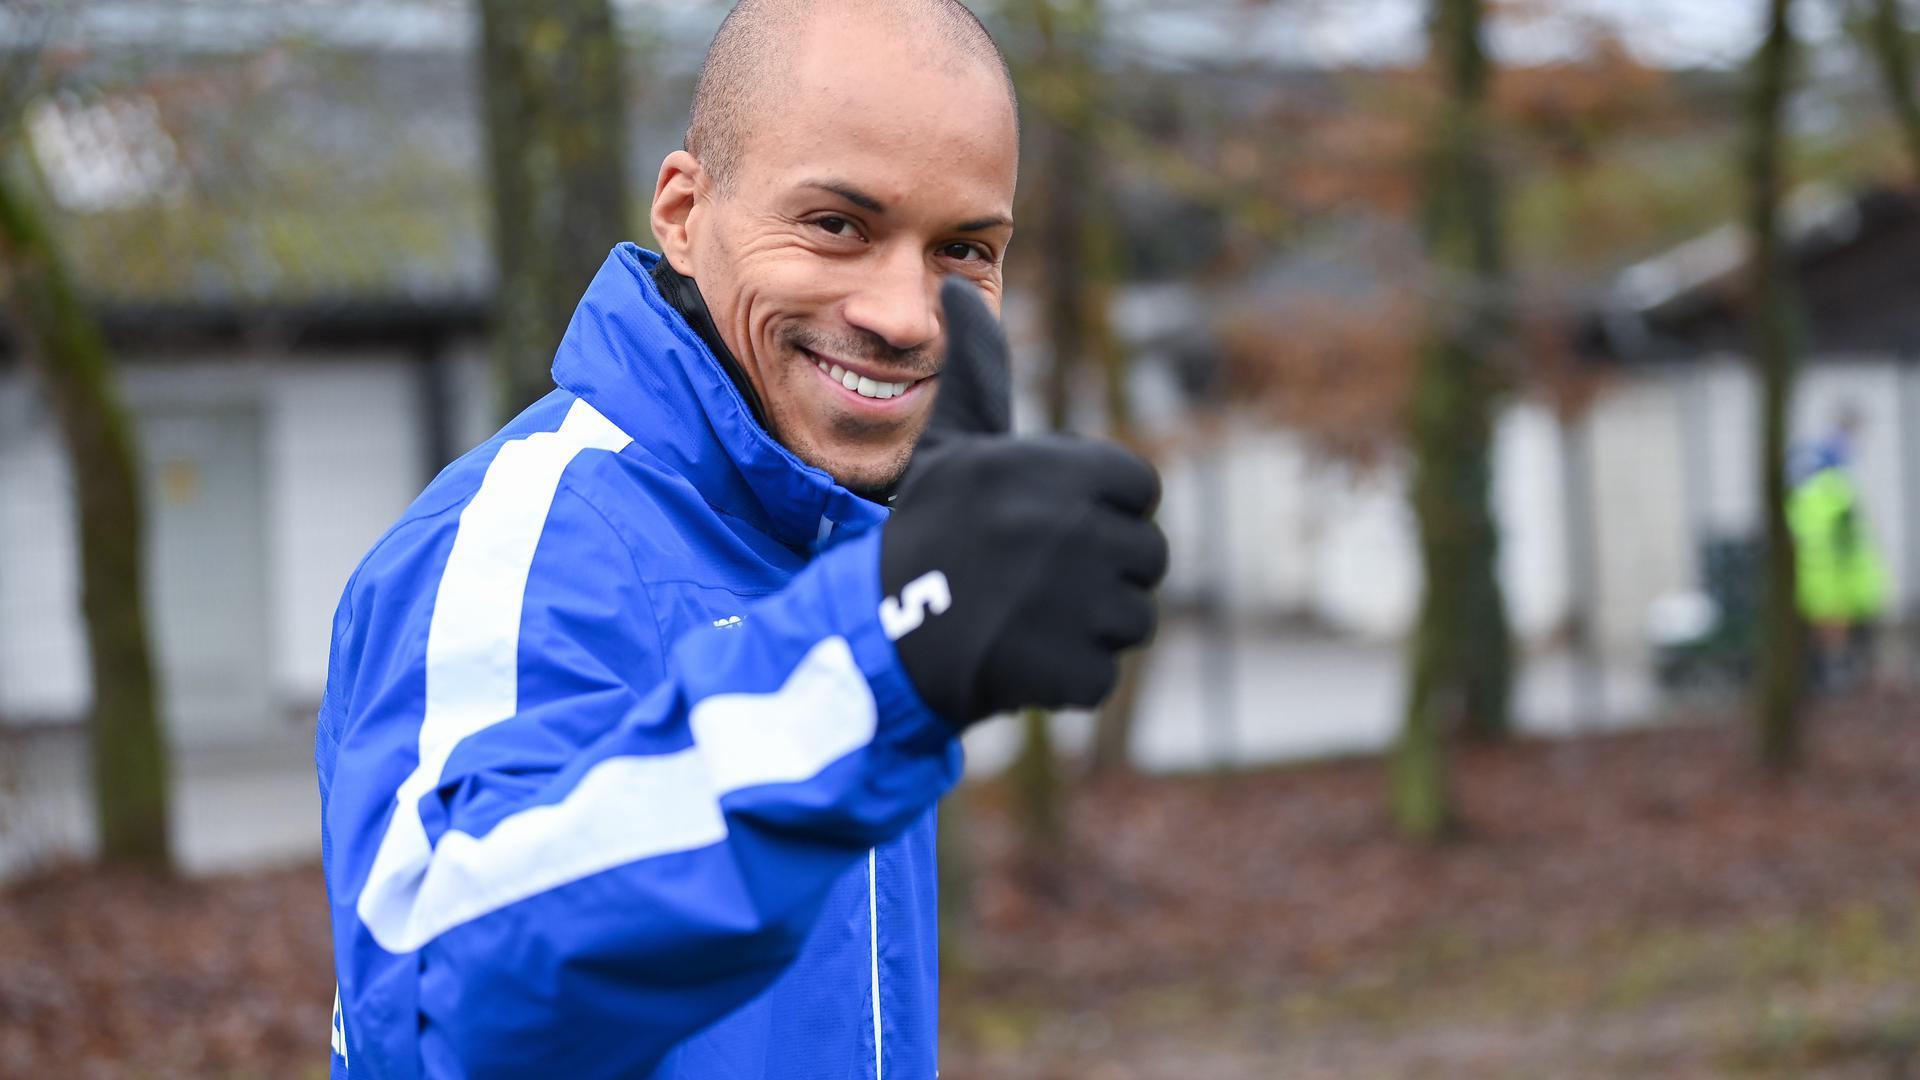 Professionell: David Pisot nimmt seine Situation beim Karlsruher SC an und muss nach der Saison zu neuen Ufern aufbrechen.